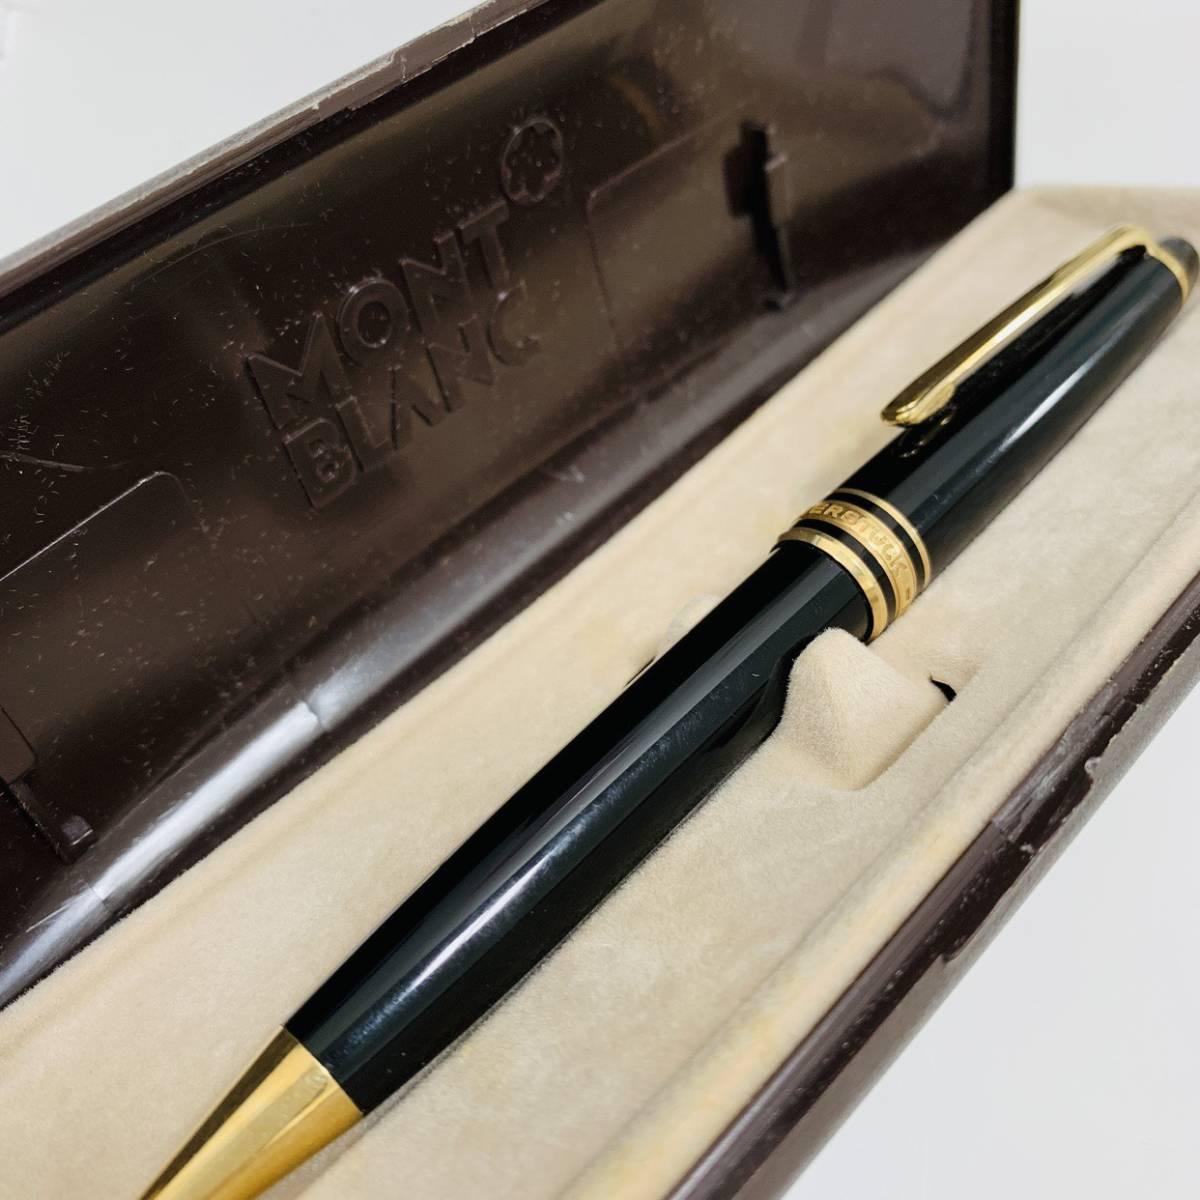 【3410】 高級 MONTBLANC モンブラン MEISTERSTUCK マイスターシュテュック シャープペン シャープペンシル 箱付き_画像2